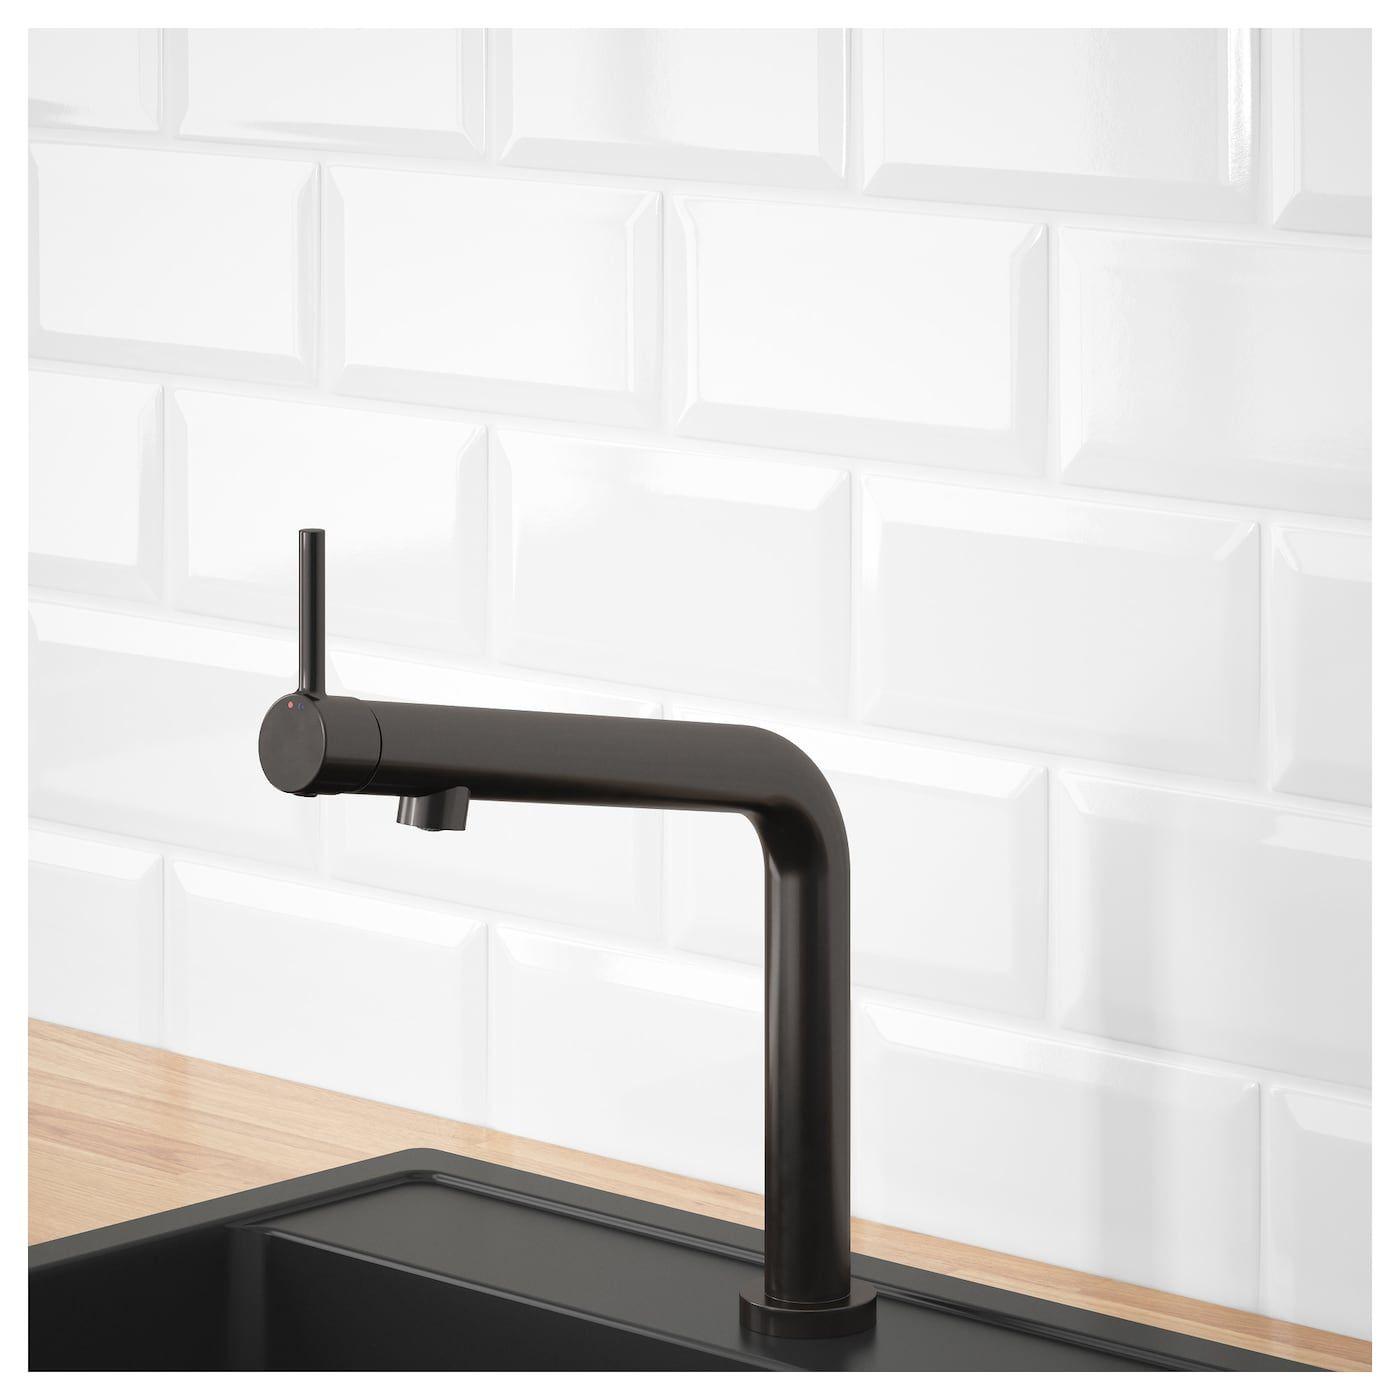 Edelstahl Cabinet Hardware Messing Ist Ein Material Das Verfugbar Ist In Einer Vielzahl Von Oberflachen Was Macht Es Eine Mit Bildern Kuchen Design Kuchen Design Ideen